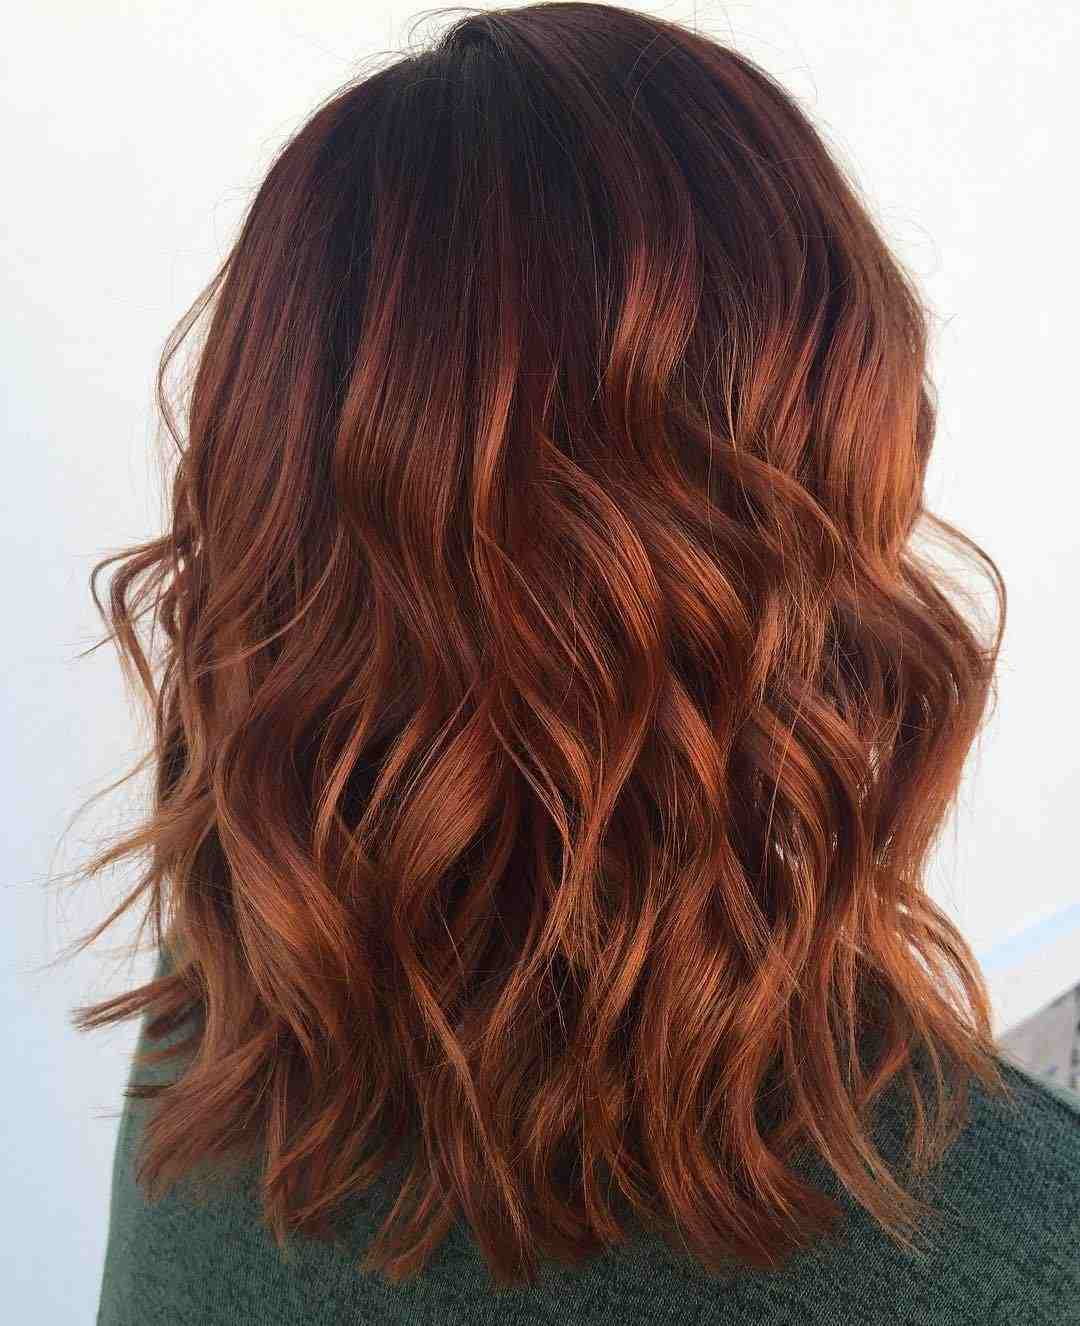 Kupferrot Haare mit braunen Highlights Locken mit Glätteisen selber machen